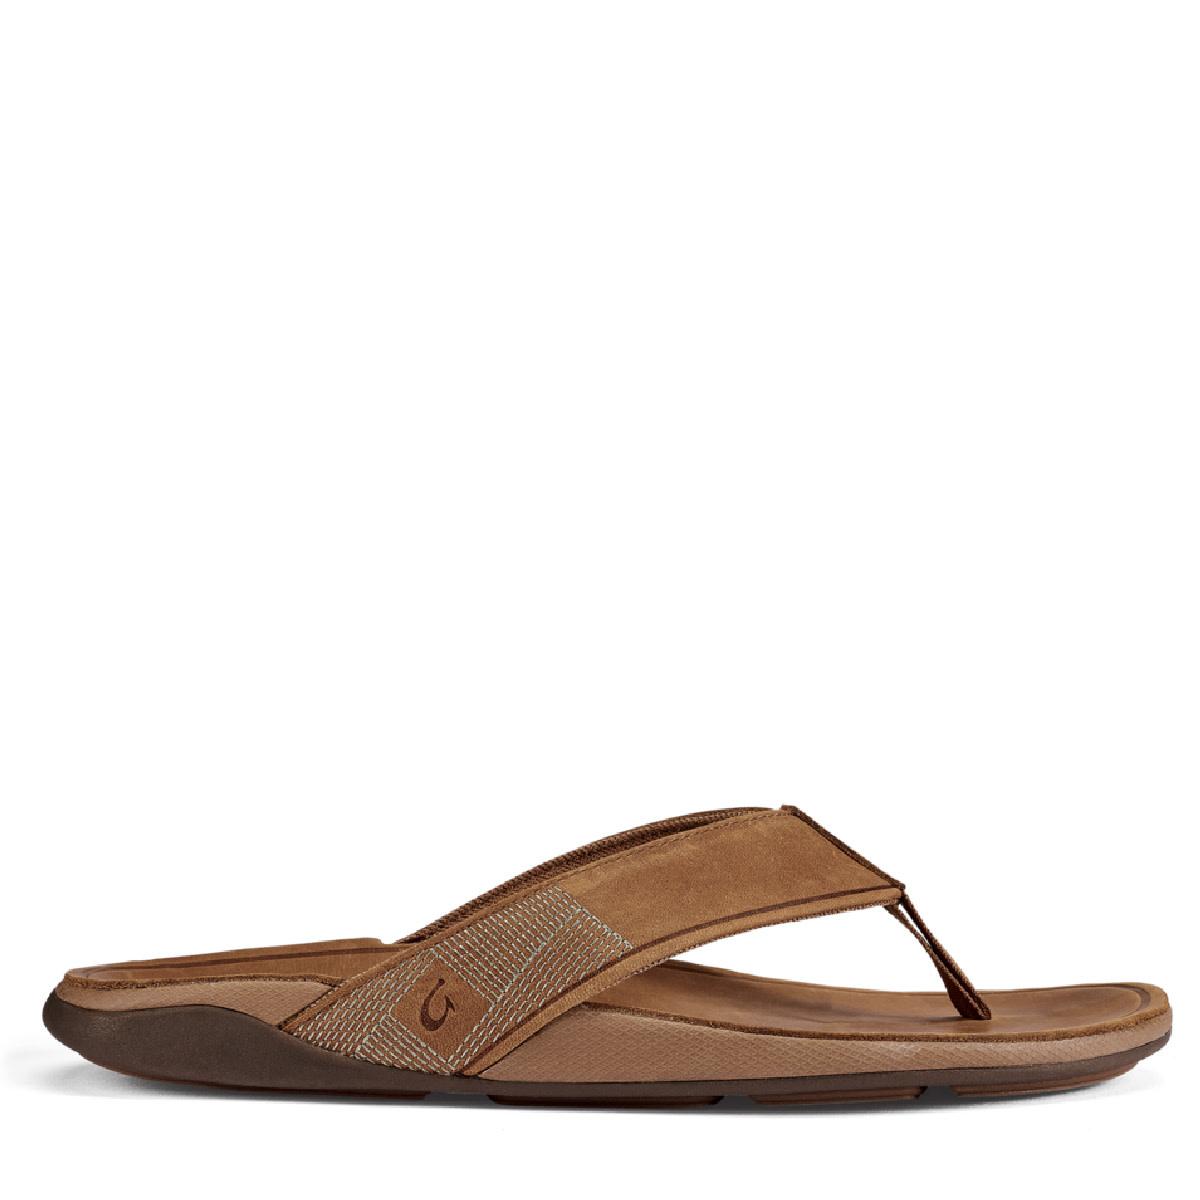 OluKai OluKai Tuahine Leather Flip Toffee